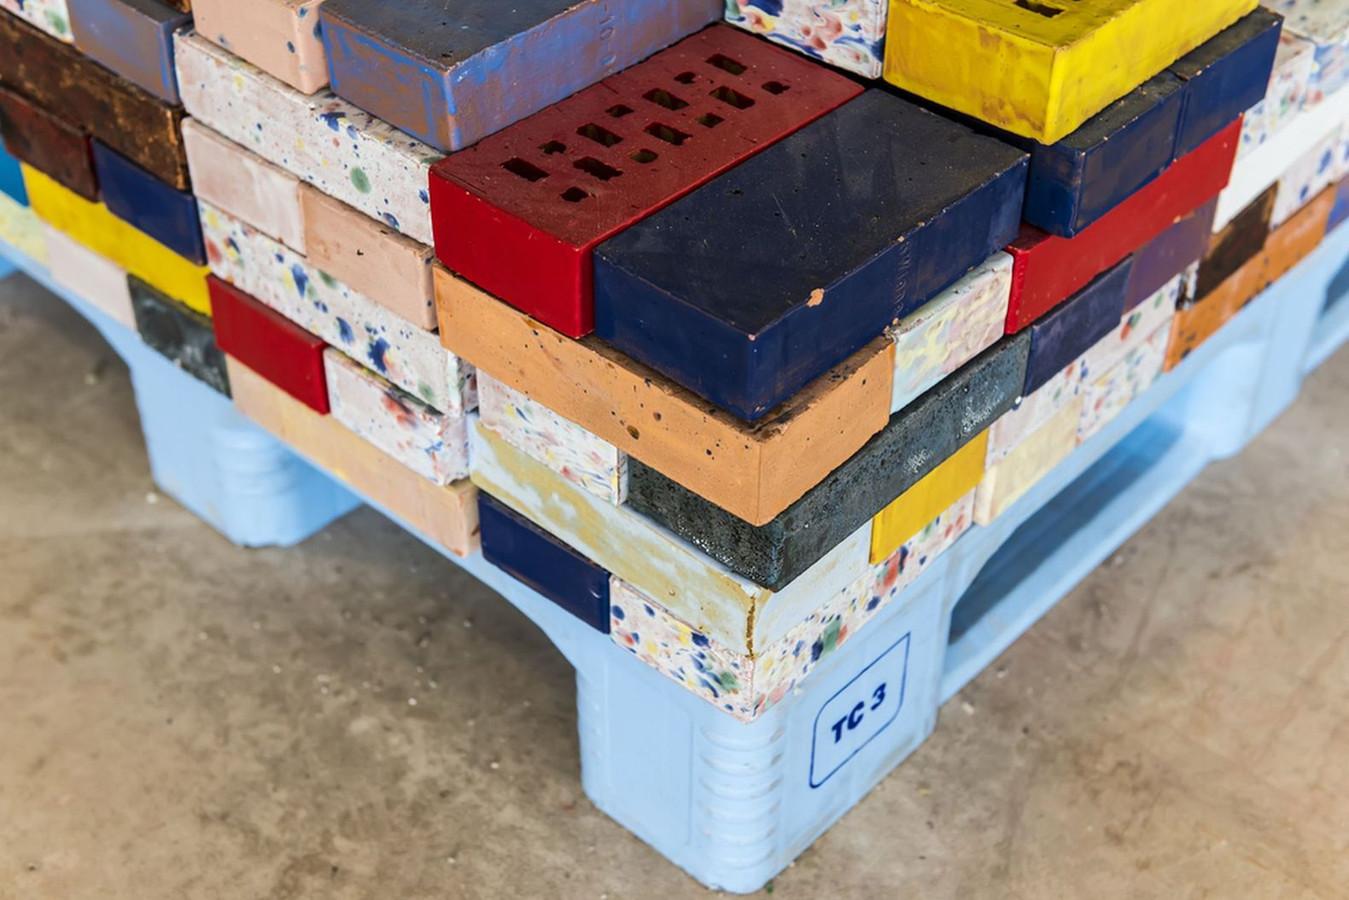 ,,Een stapel gekleurde en geglazuurde bakstenen wordt een driedimensionaal schilderij, waarvan de compositie aan verandering onderhevig is,'' stelt de jury.